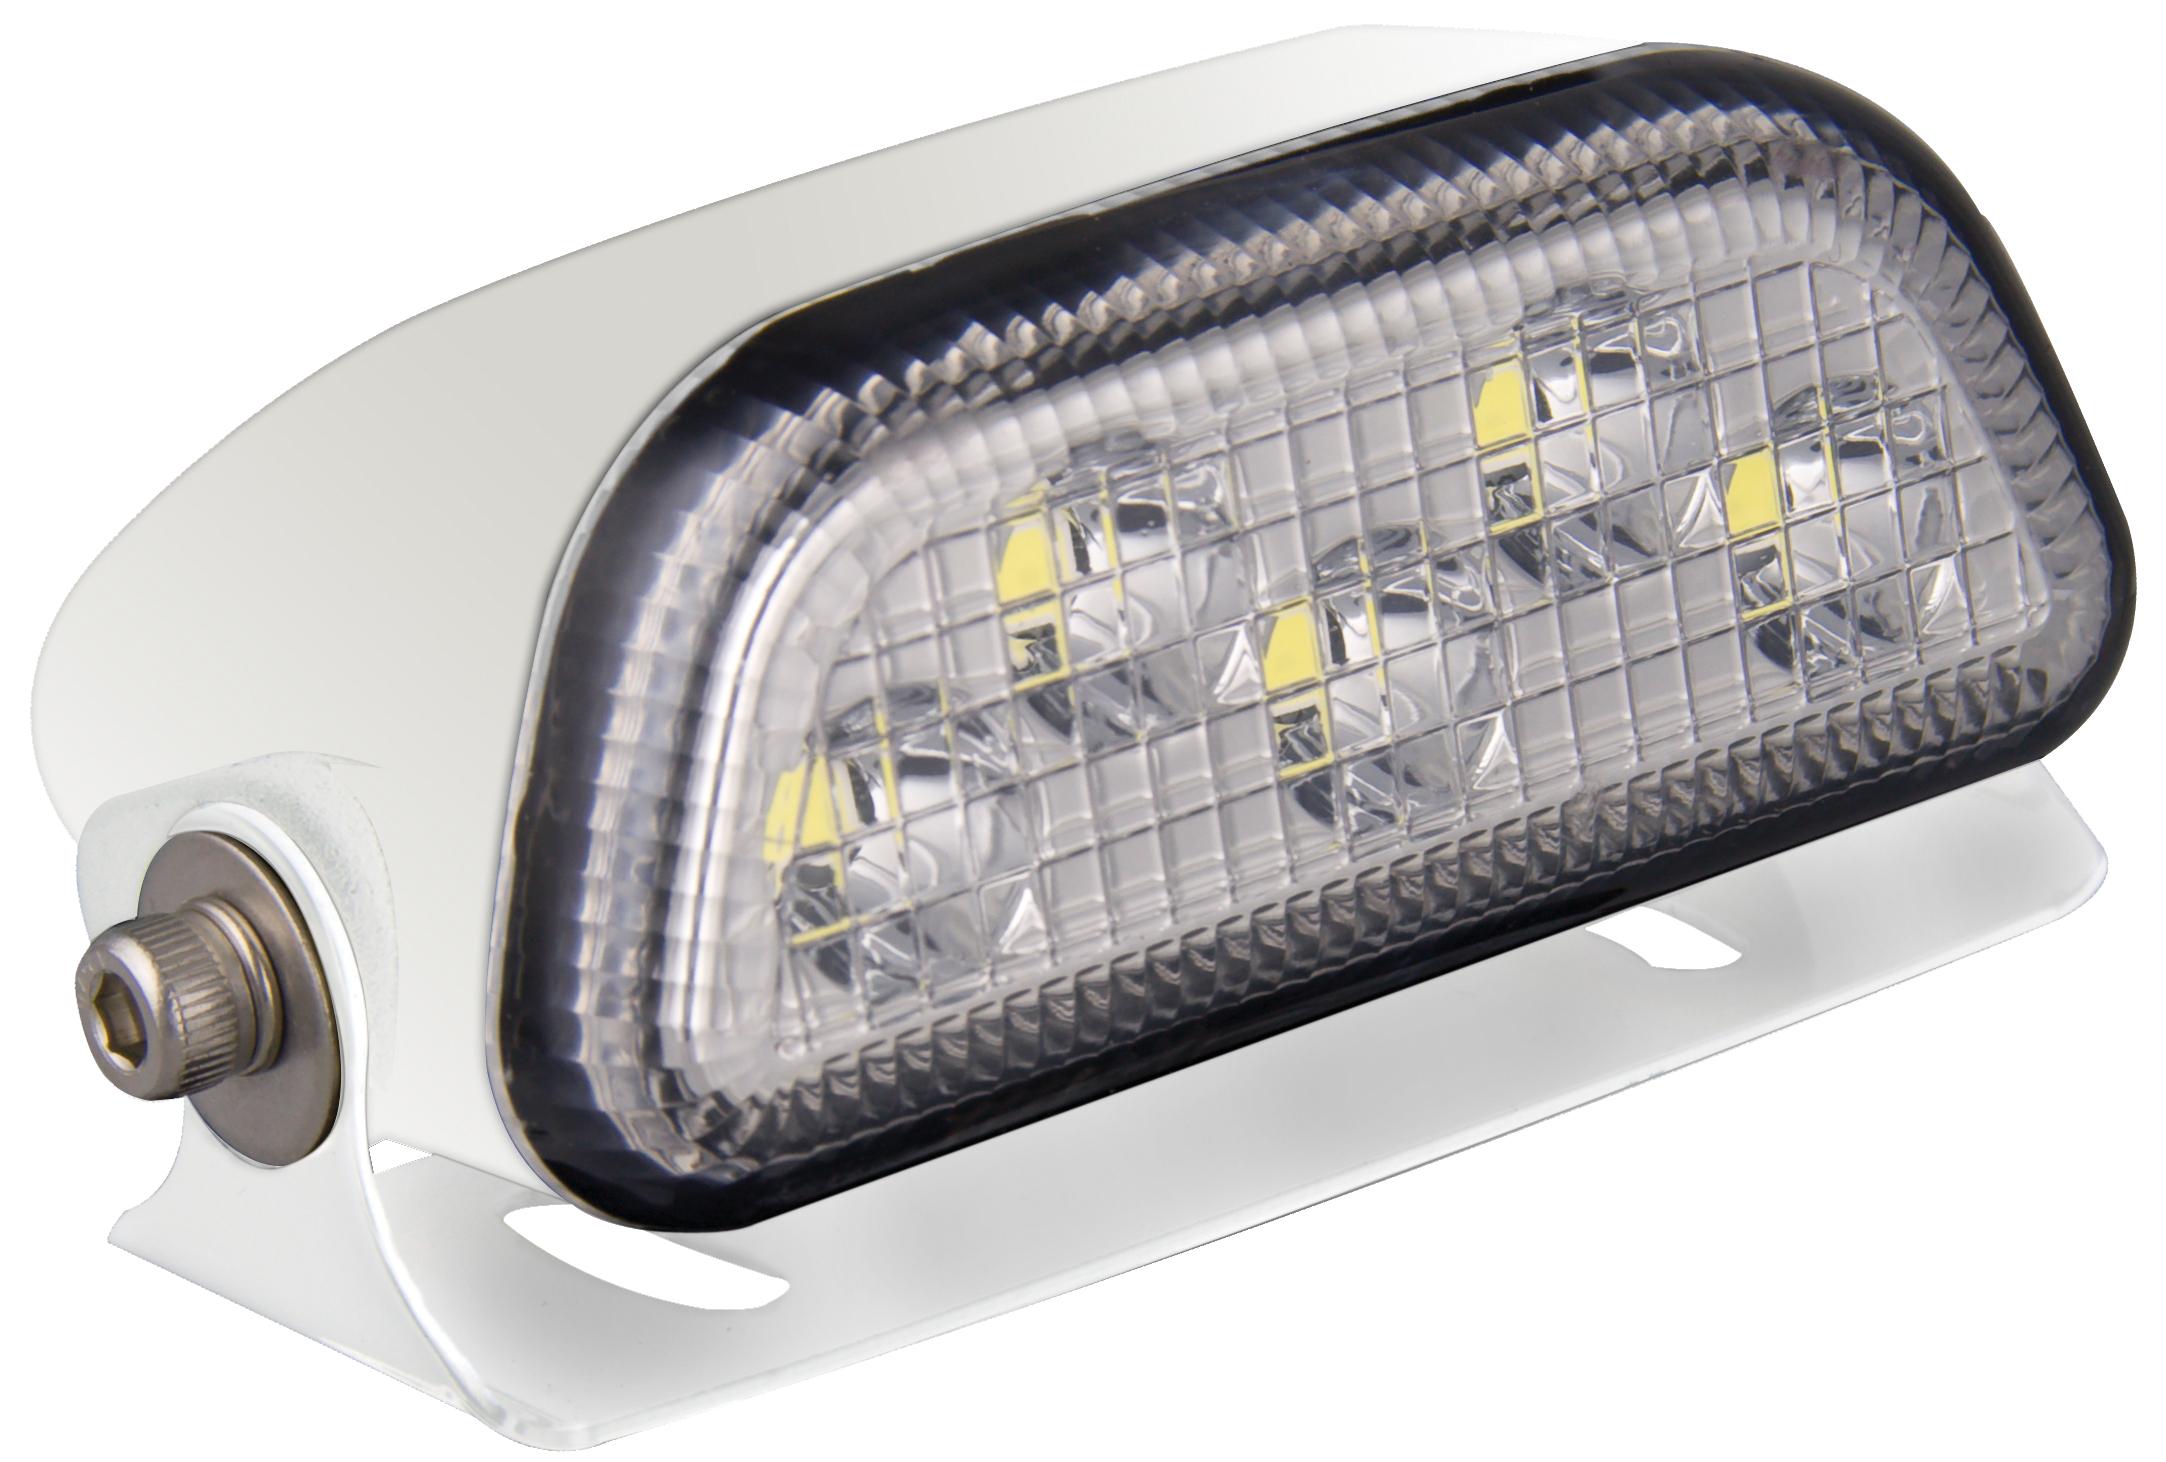 LED Autolamps Low Profile Flood Lamps 5 x 0.5 5w LEDs